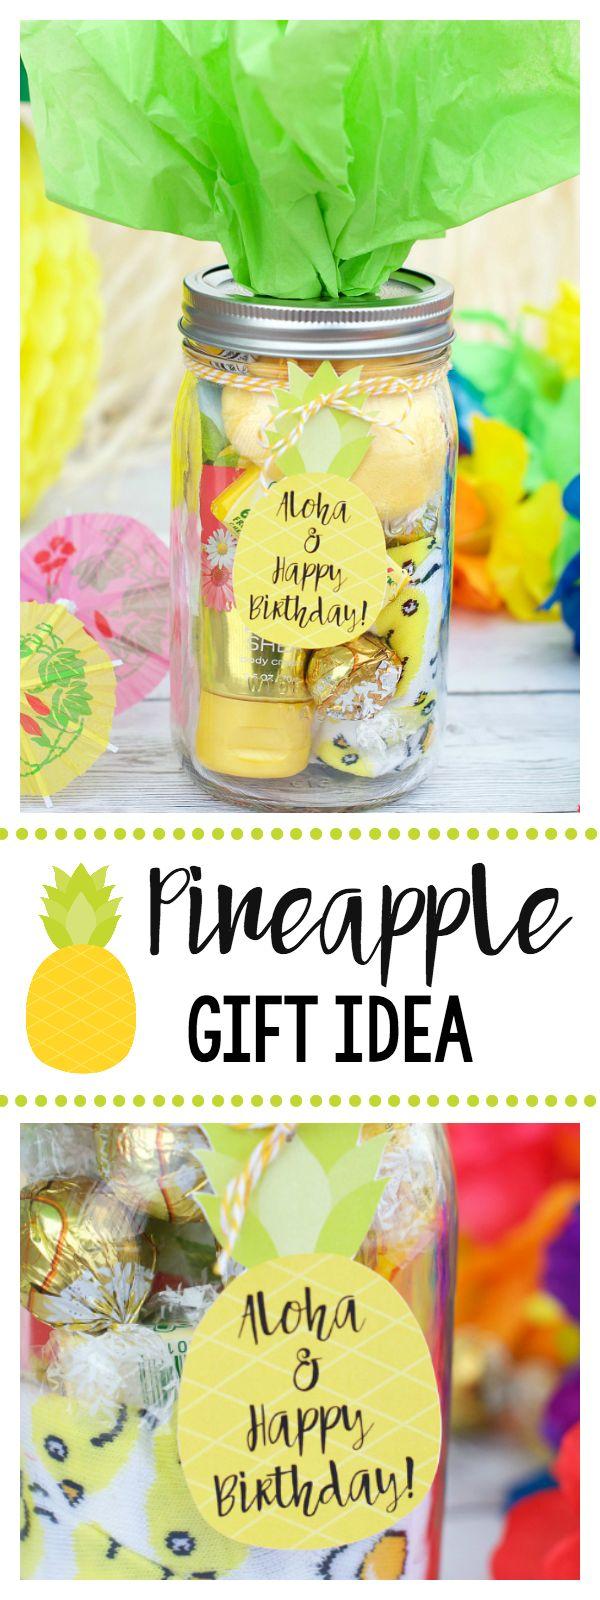 Pineapple Gift Idea